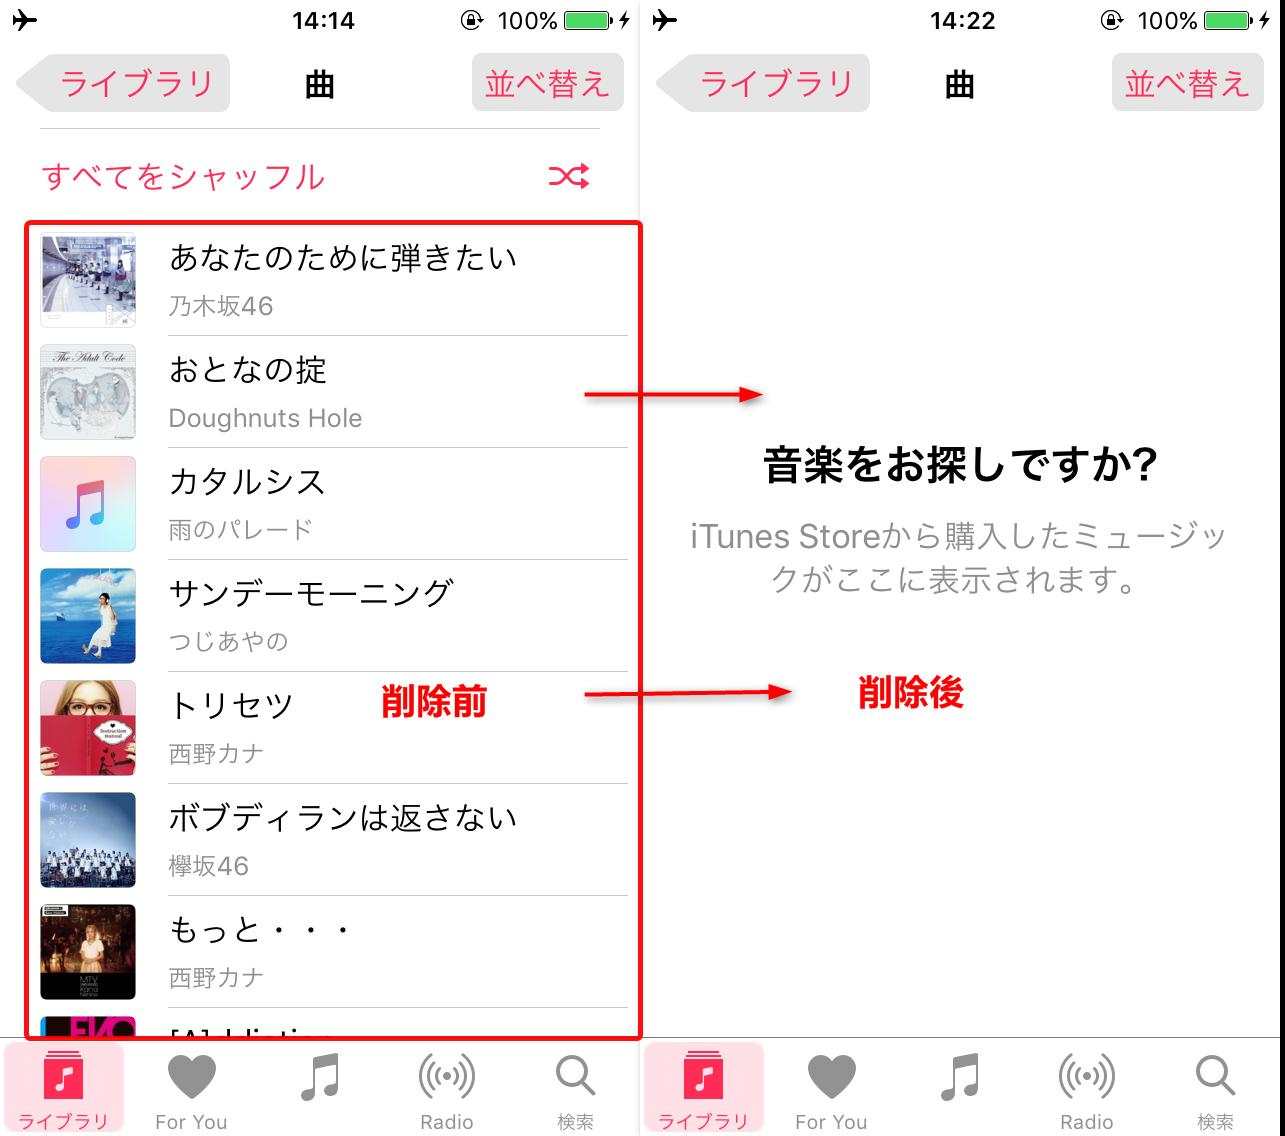 iPodの曲がAnyTransで削除された